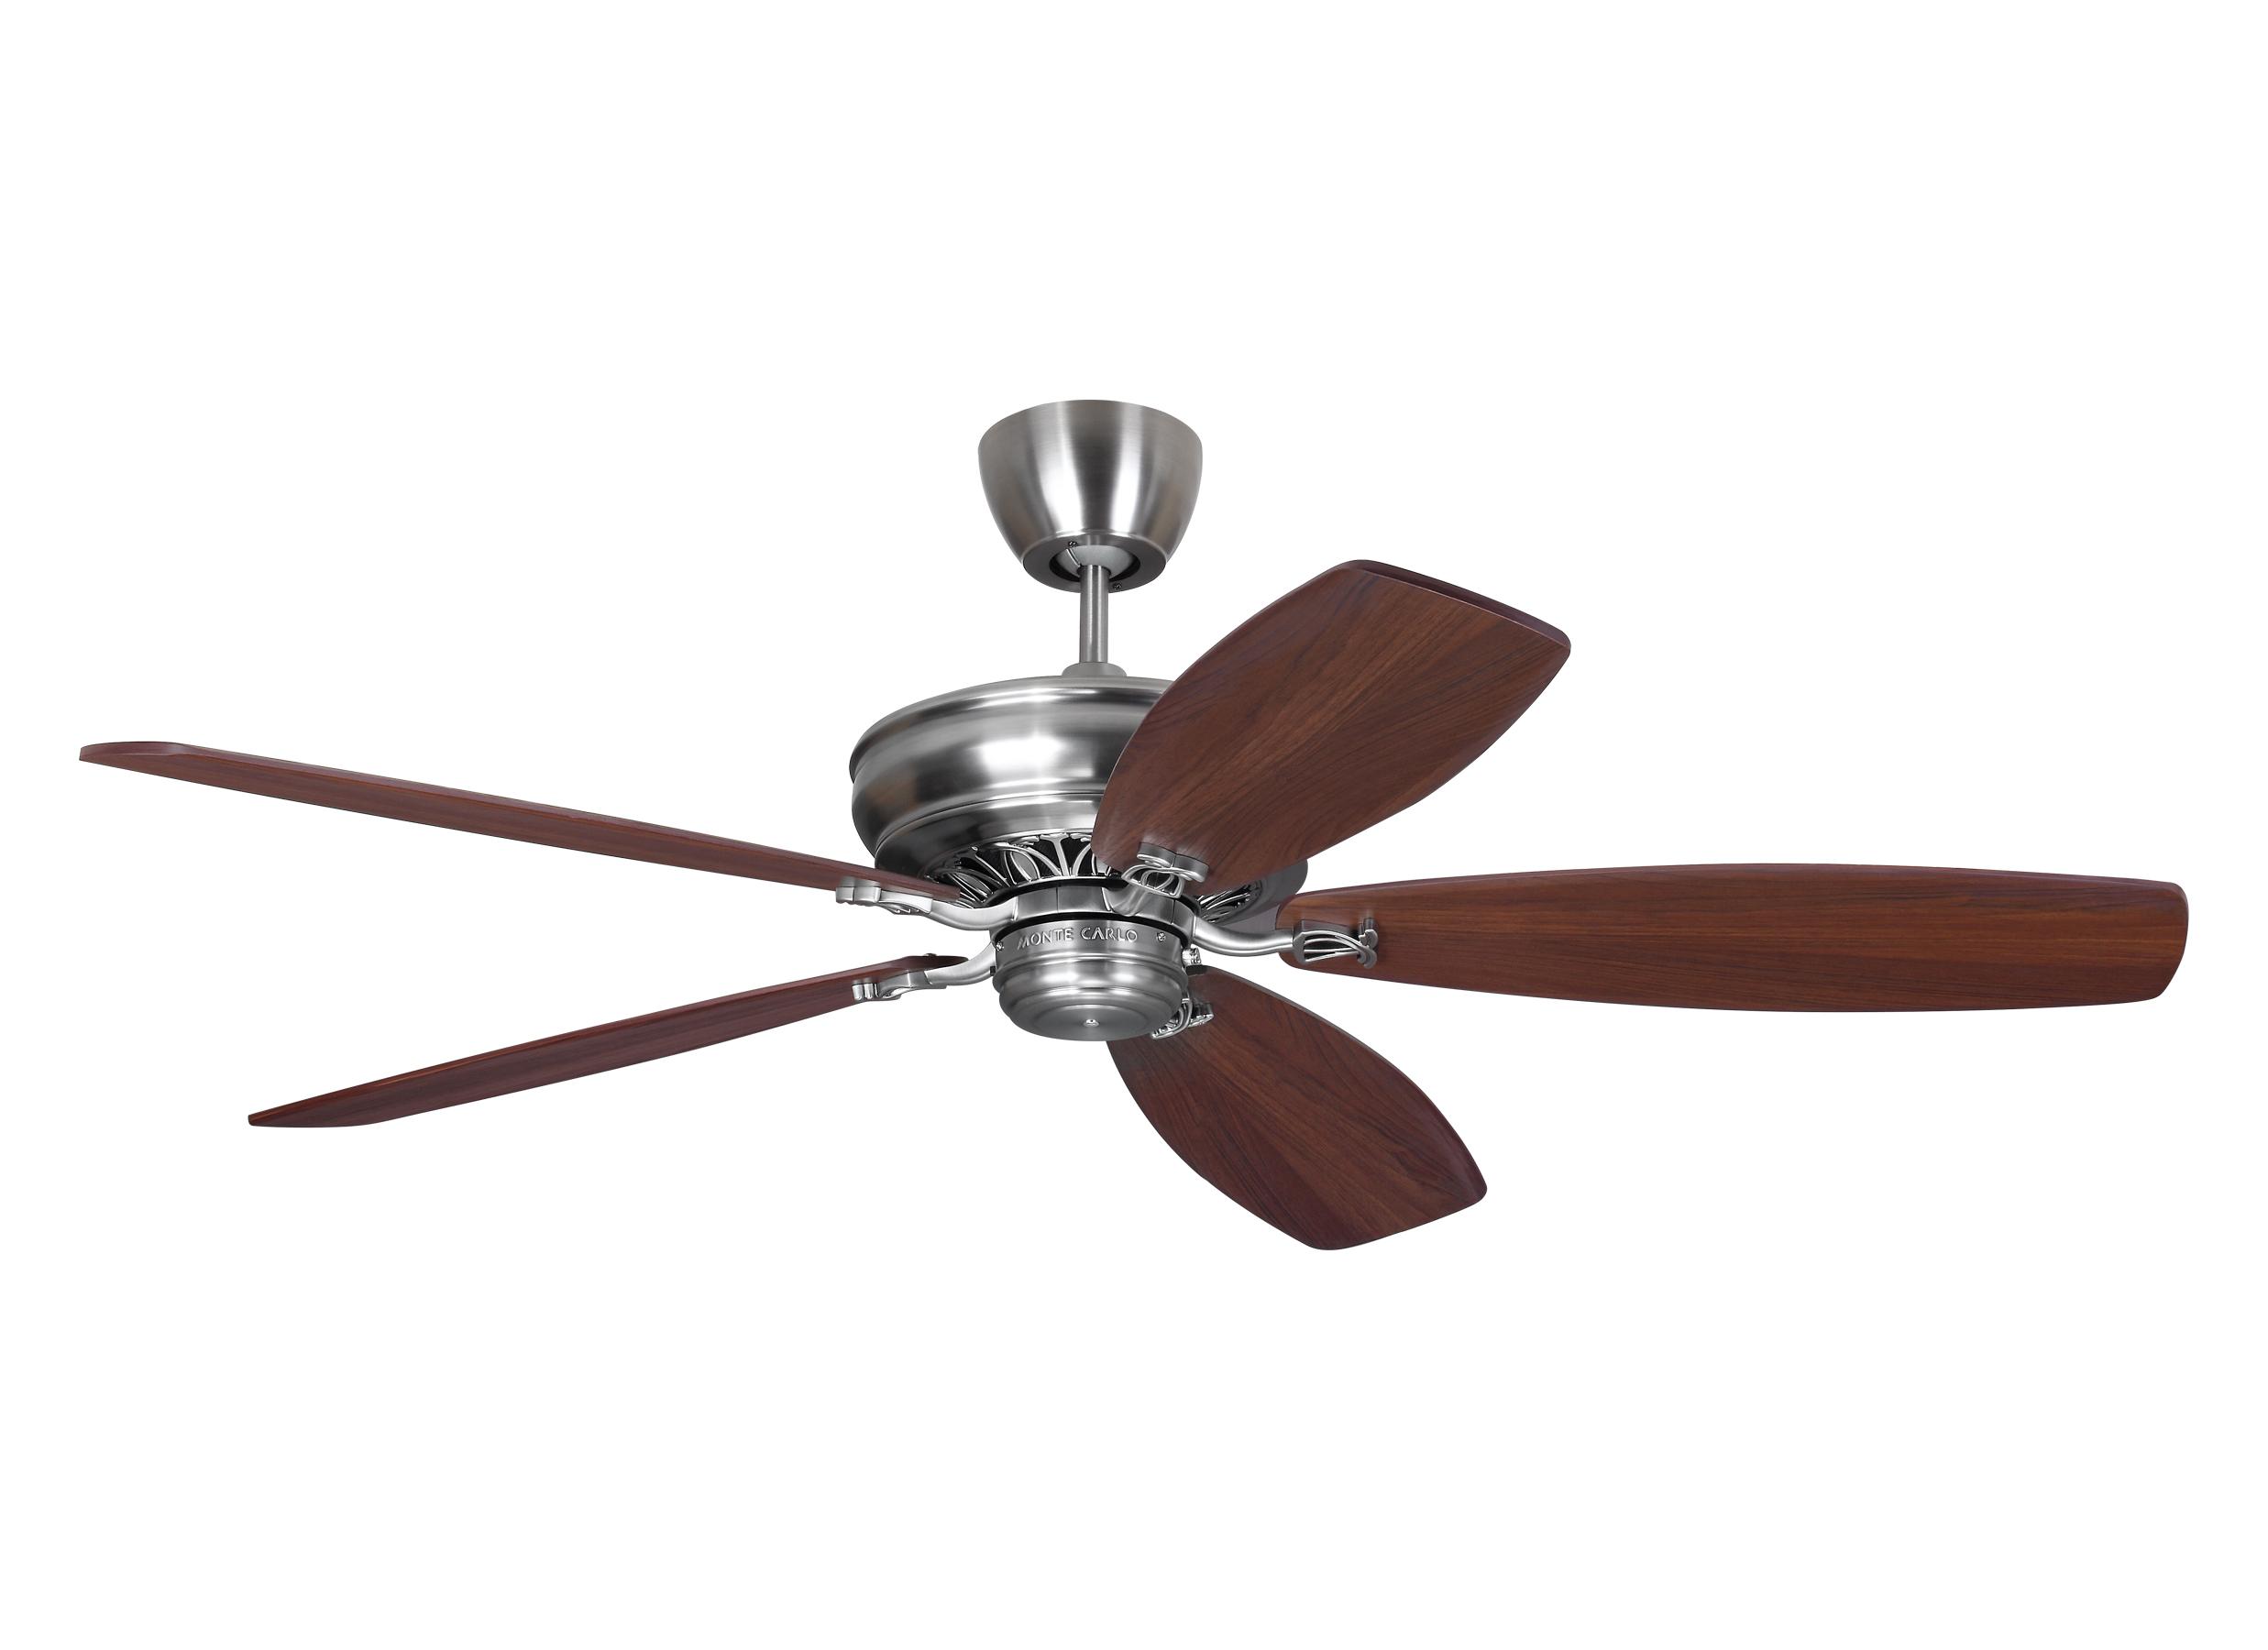 5RYEP Royalton Fan Blades Separate English Pewter English Pewter